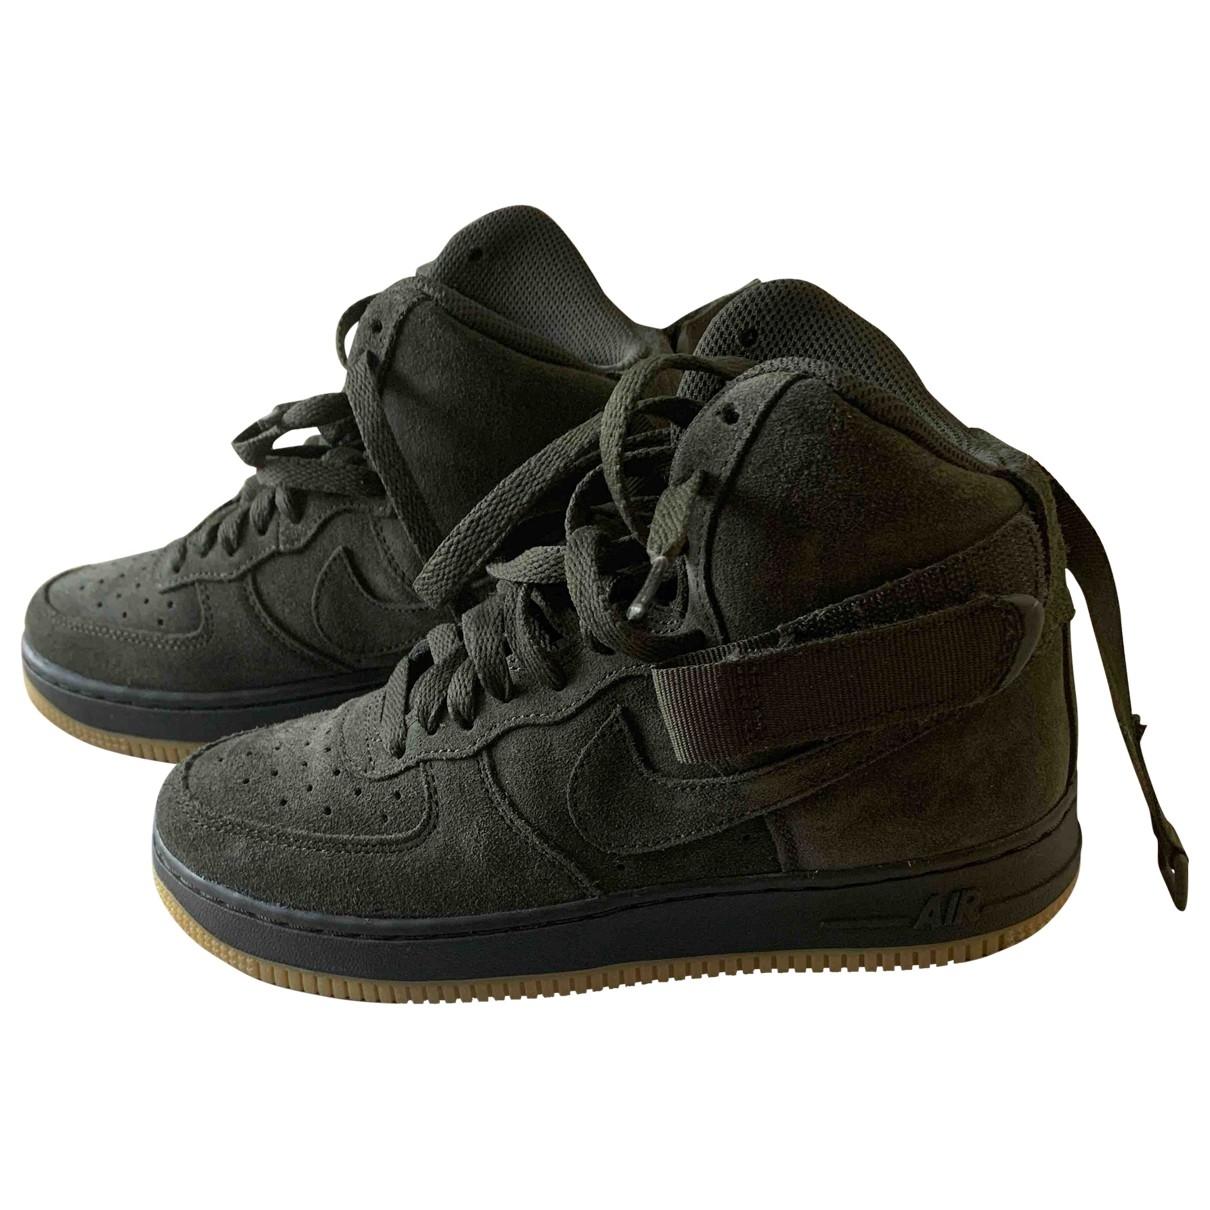 Nike - Baskets Air Force 1 pour femme en suede - kaki